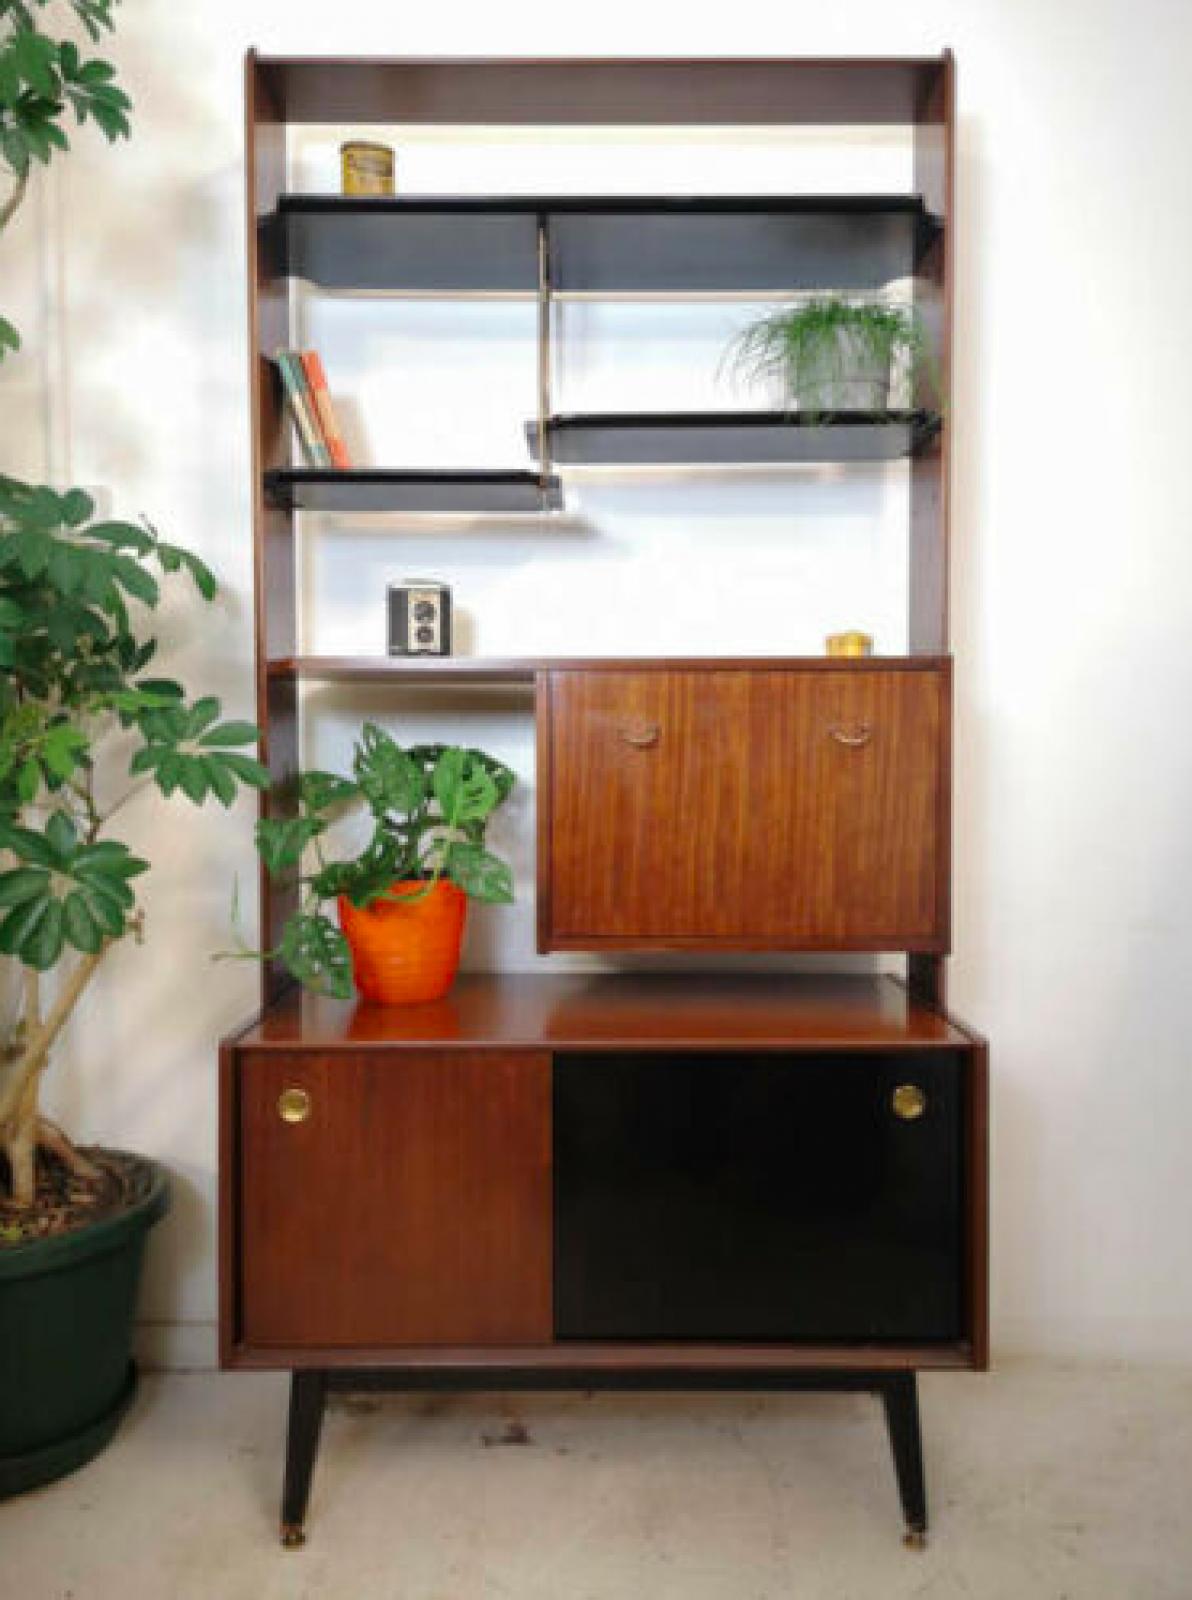 G Plan Librenza Mid-Century Room Divider by Koford Larsen